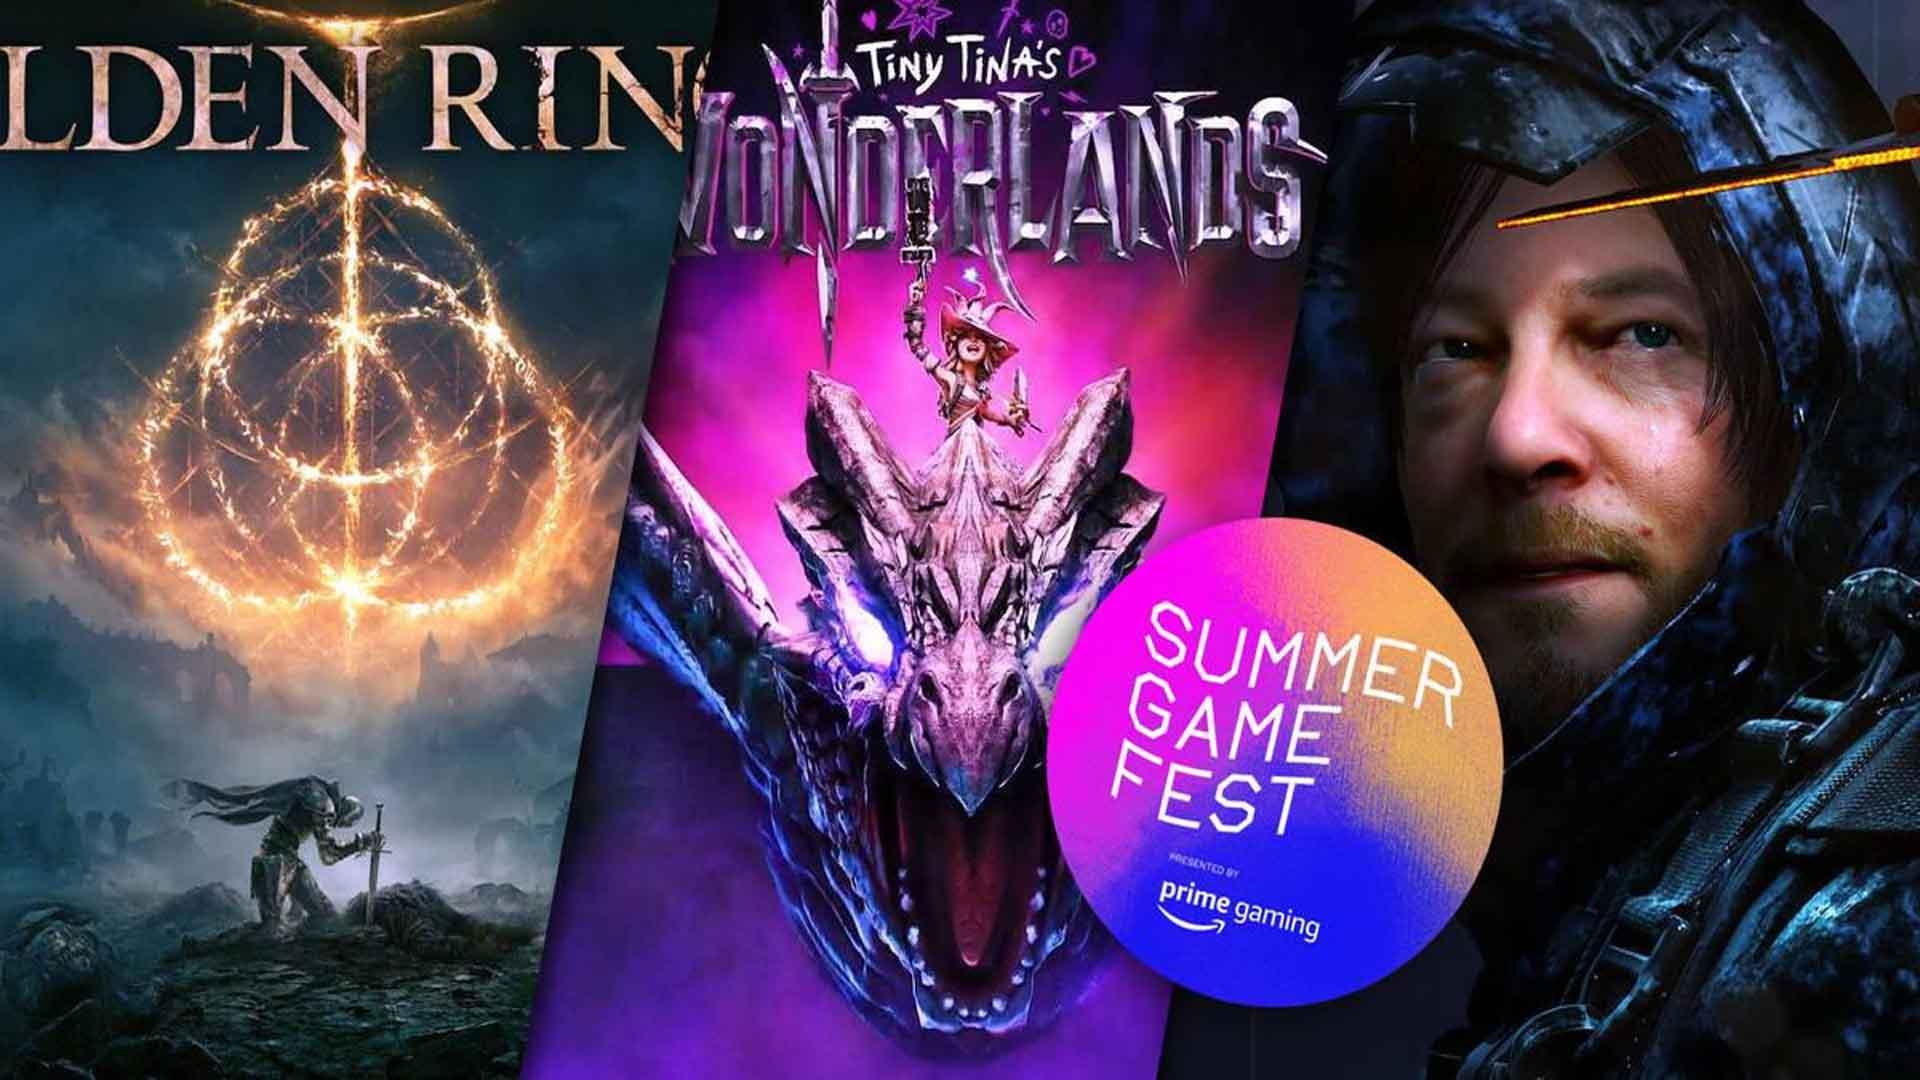 crítica del Summer Game Fest 2021